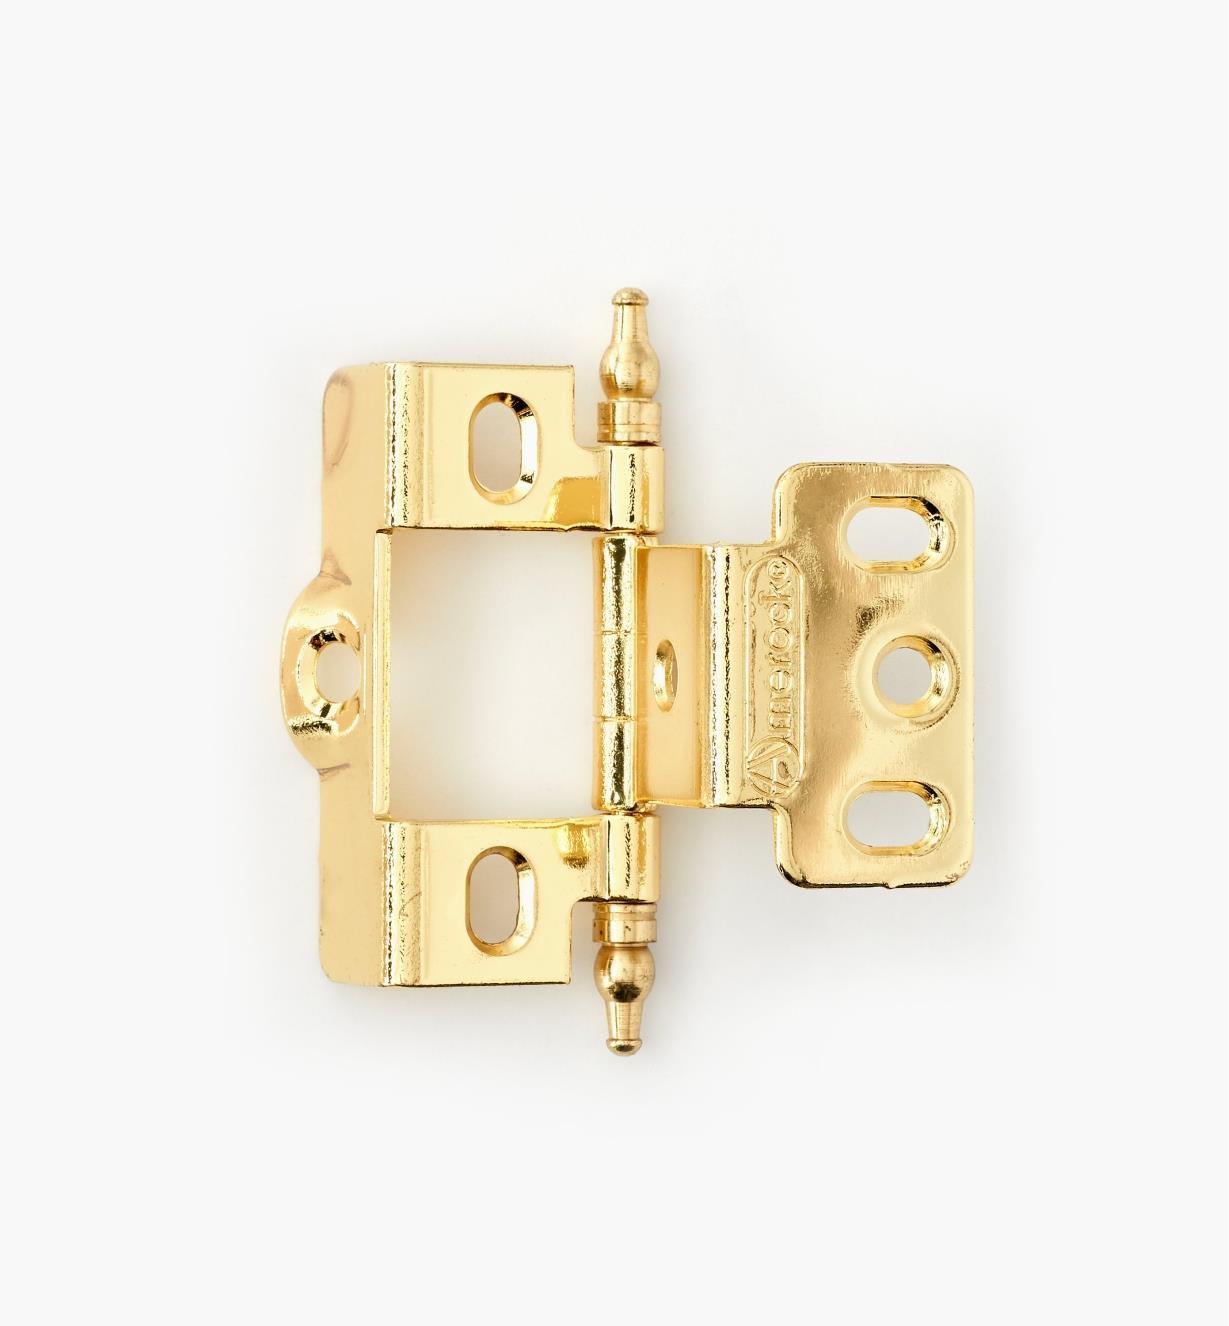 01H3020 - Full-Wrap Hinge,Brass Plate, Minaret